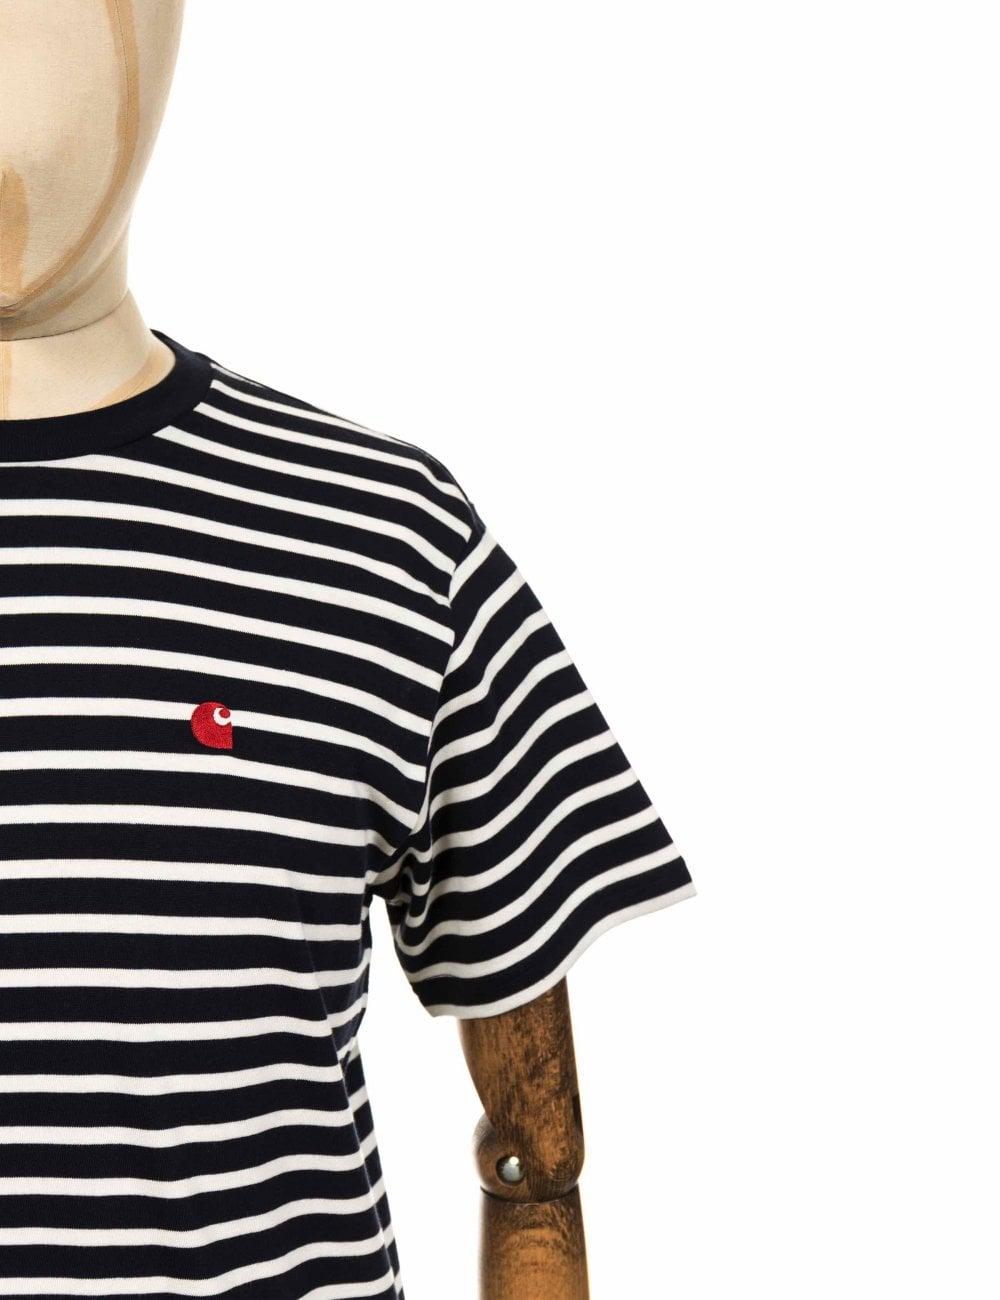 San Francisco Data wydania: najlepsze trampki S/S Robie Stripe Tee - Dark Navy/Wax